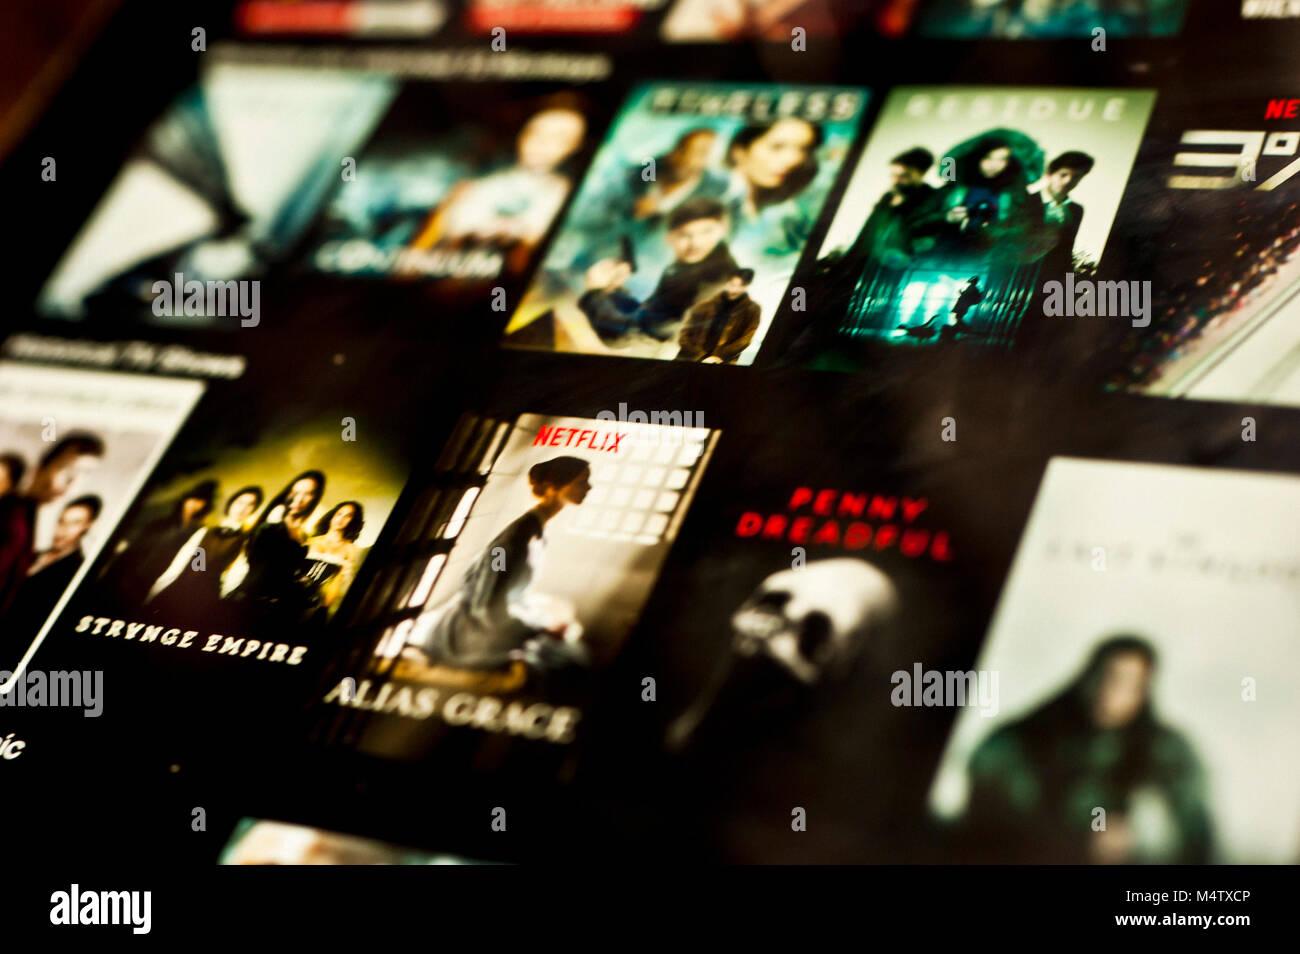 Netflix Bildschirm auf einem Tablet-PC Stockbild